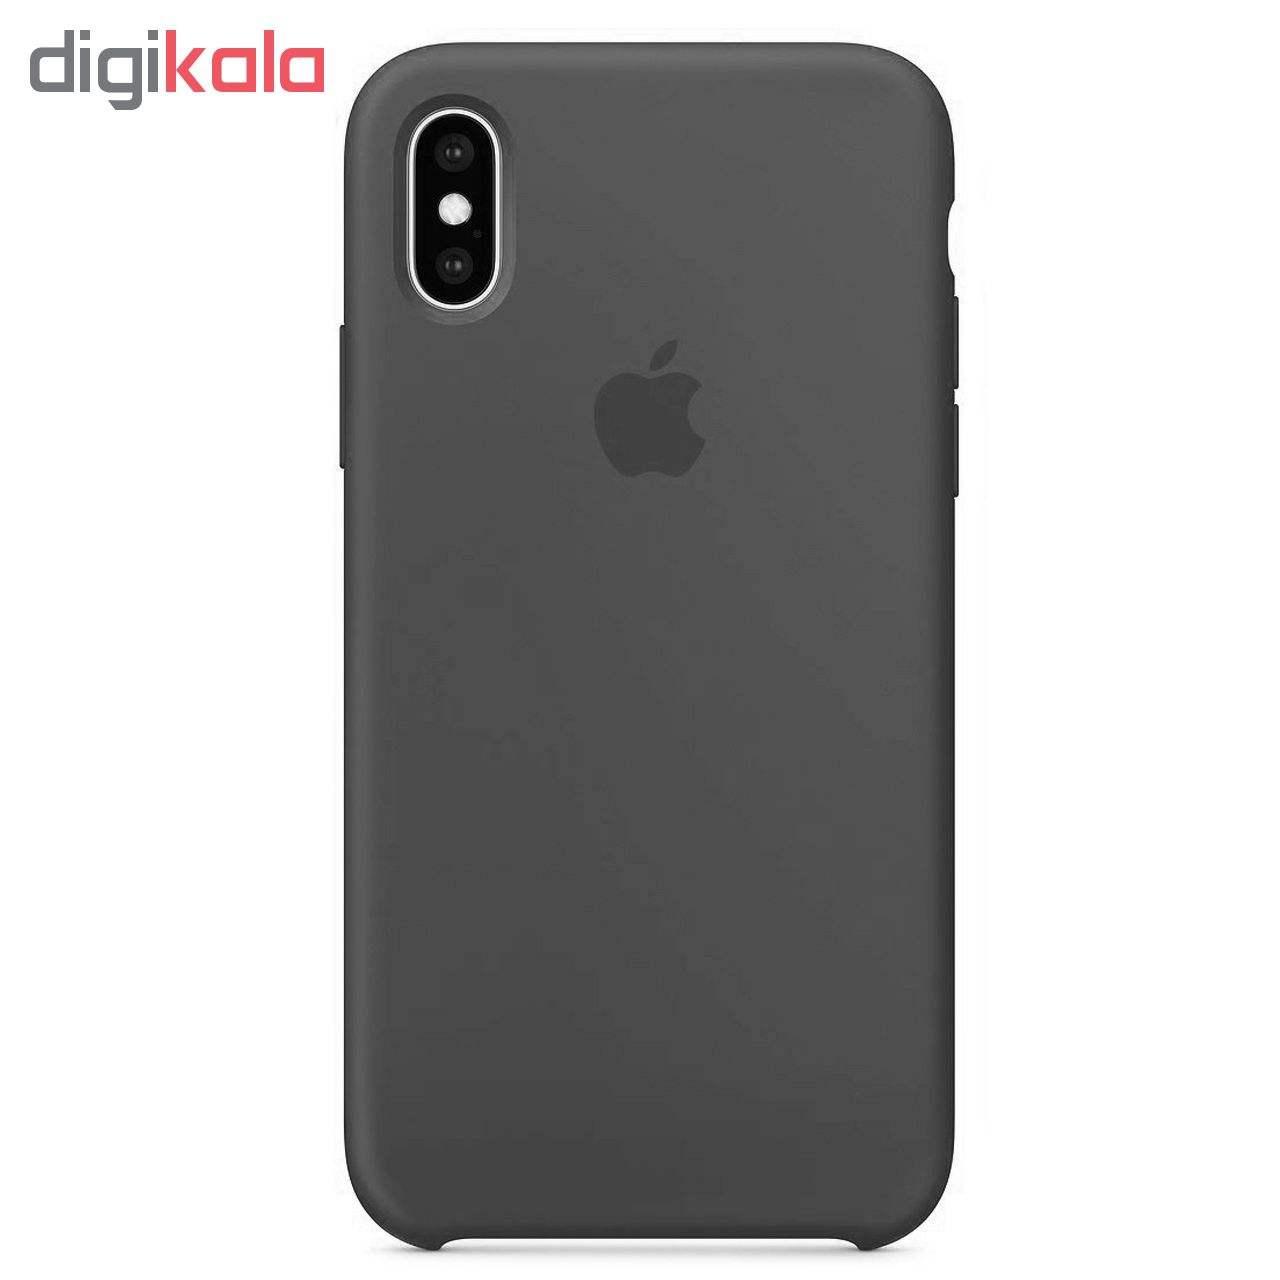 کاور مدل sili003 مناسب برای گوشی موبایل اپل Iphone X / XS main 1 11